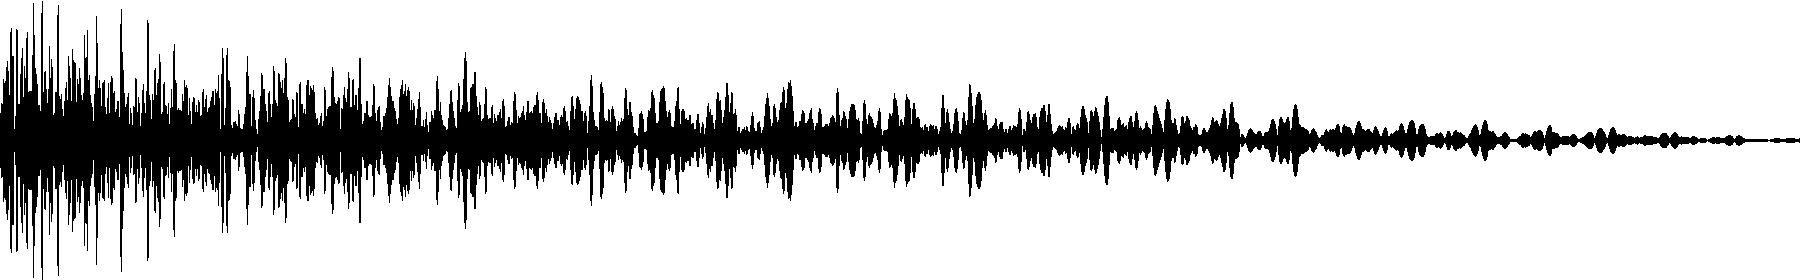 vedh synth cut 188 em